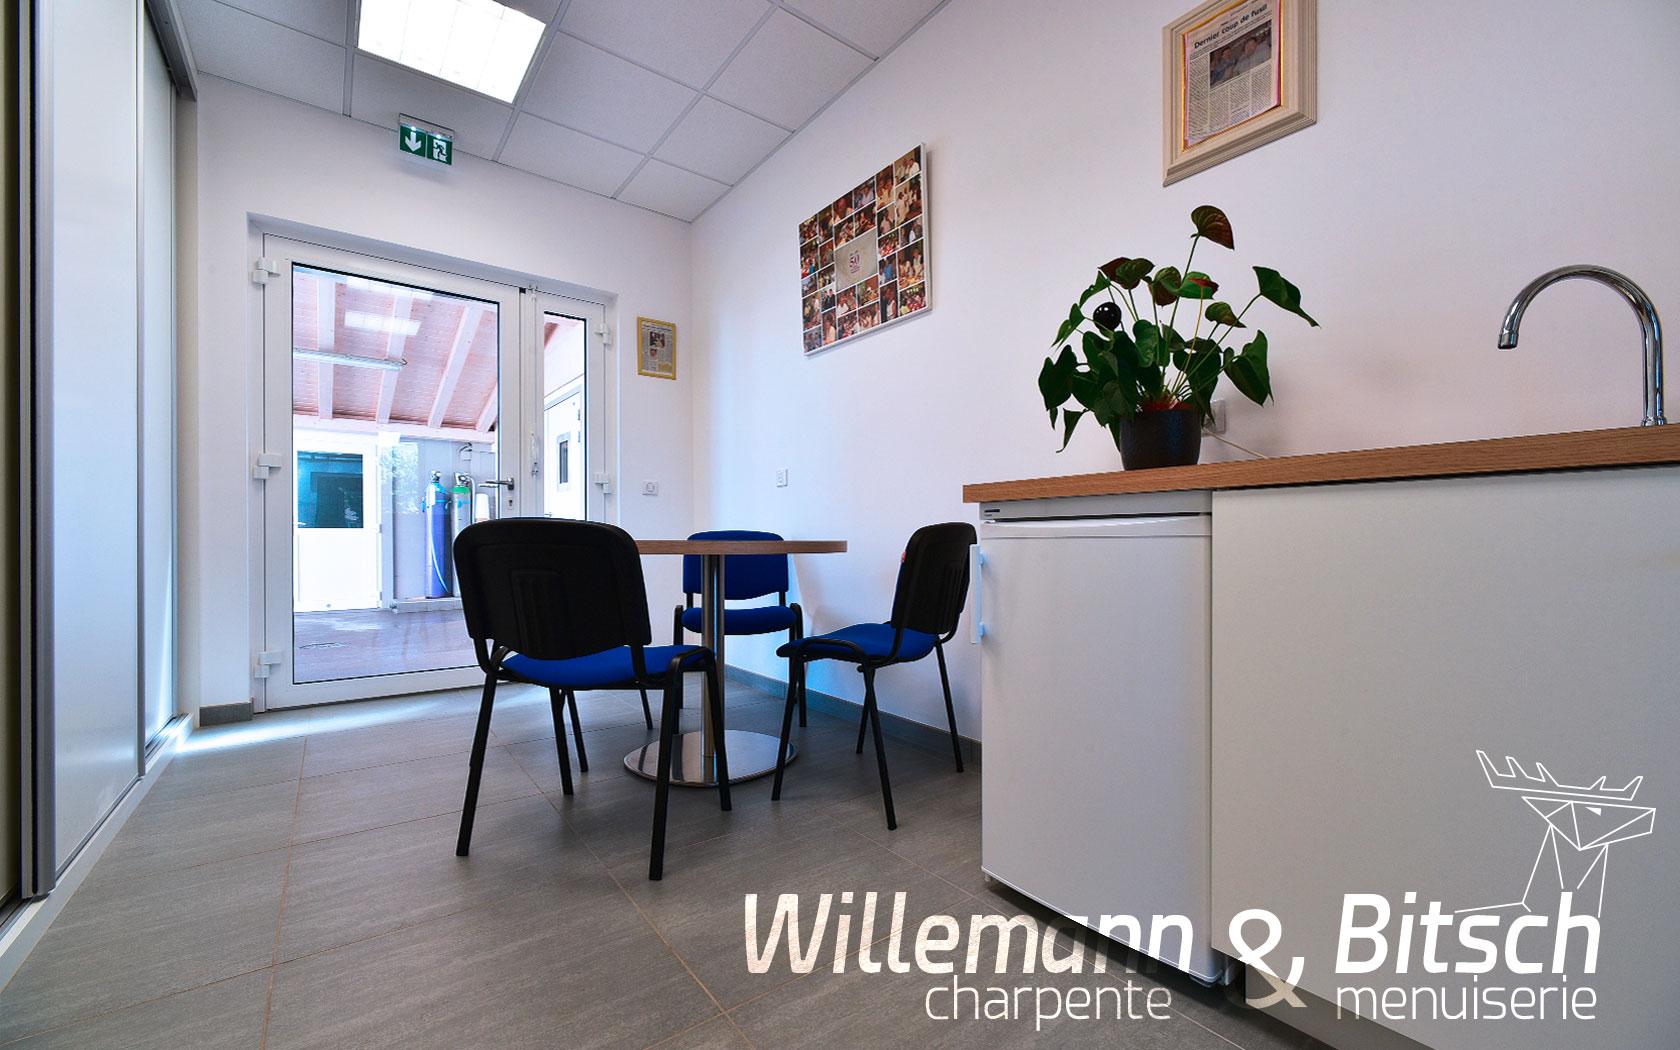 Cernay - espace détente - salle de repas et de repos, pause